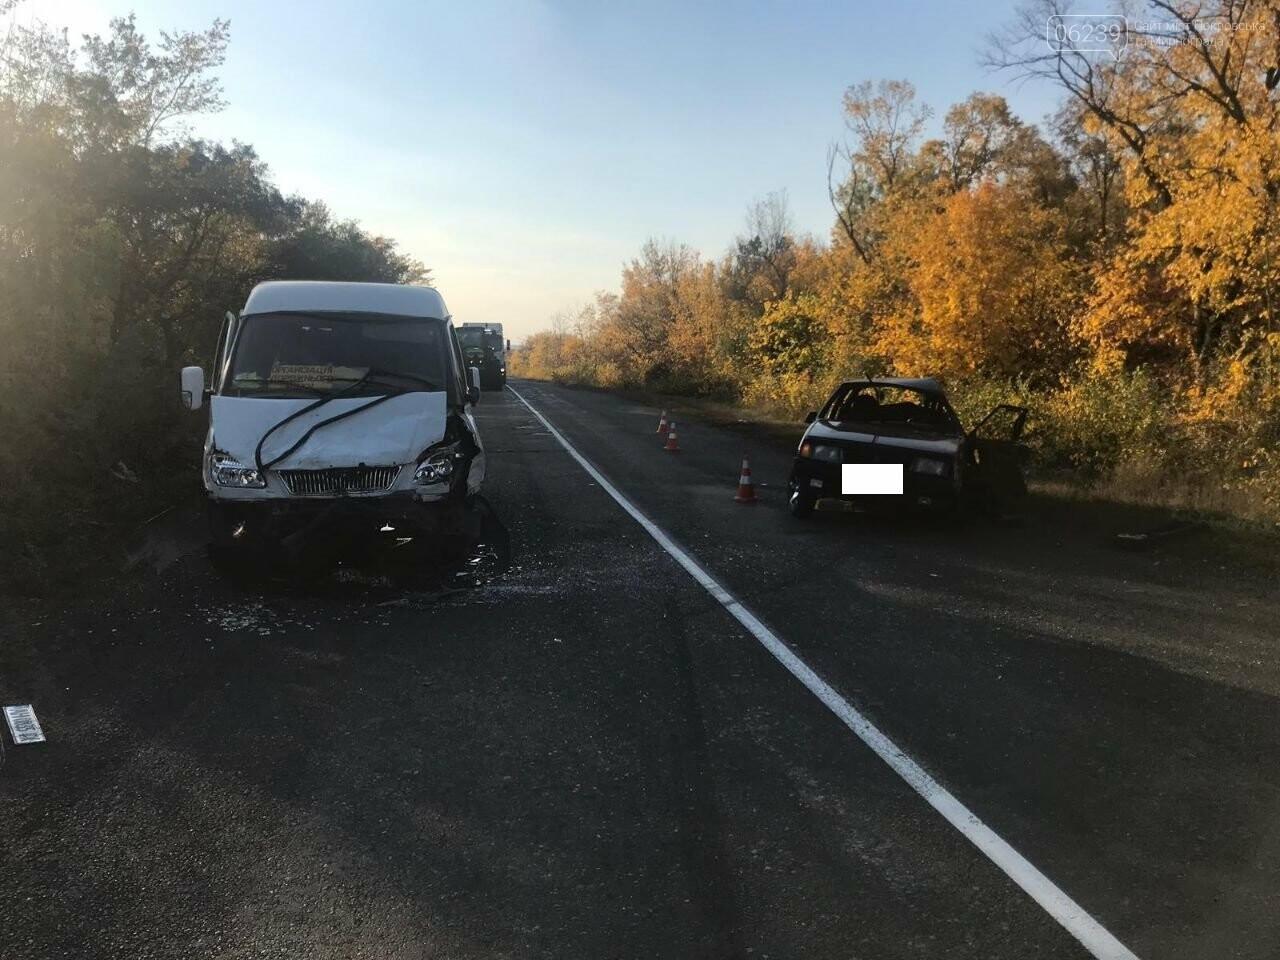 В Покровском районе произошло смертельное ДТП: погиб 26-летний парень , фото-2